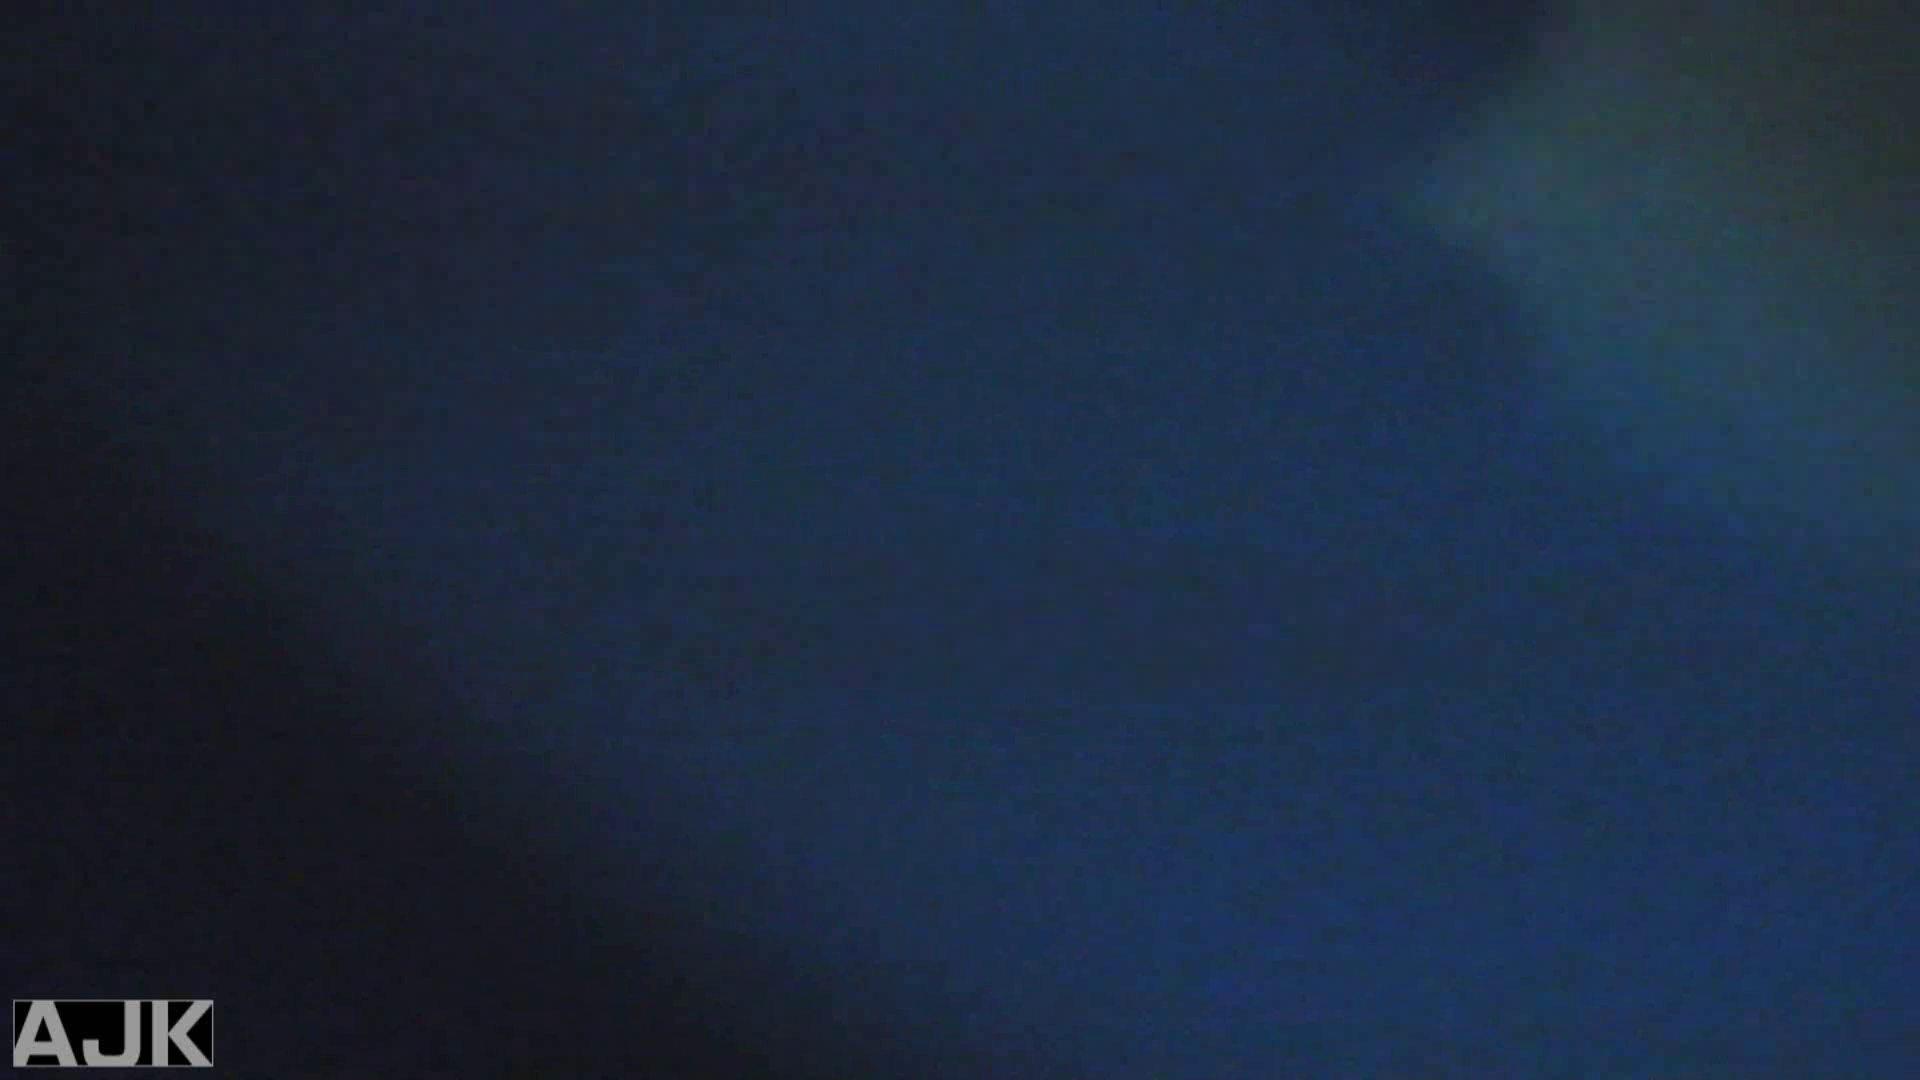 神降臨!史上最強の潜入かわや! vol.23 潜入 オマンコ無修正動画無料 75PIX 33